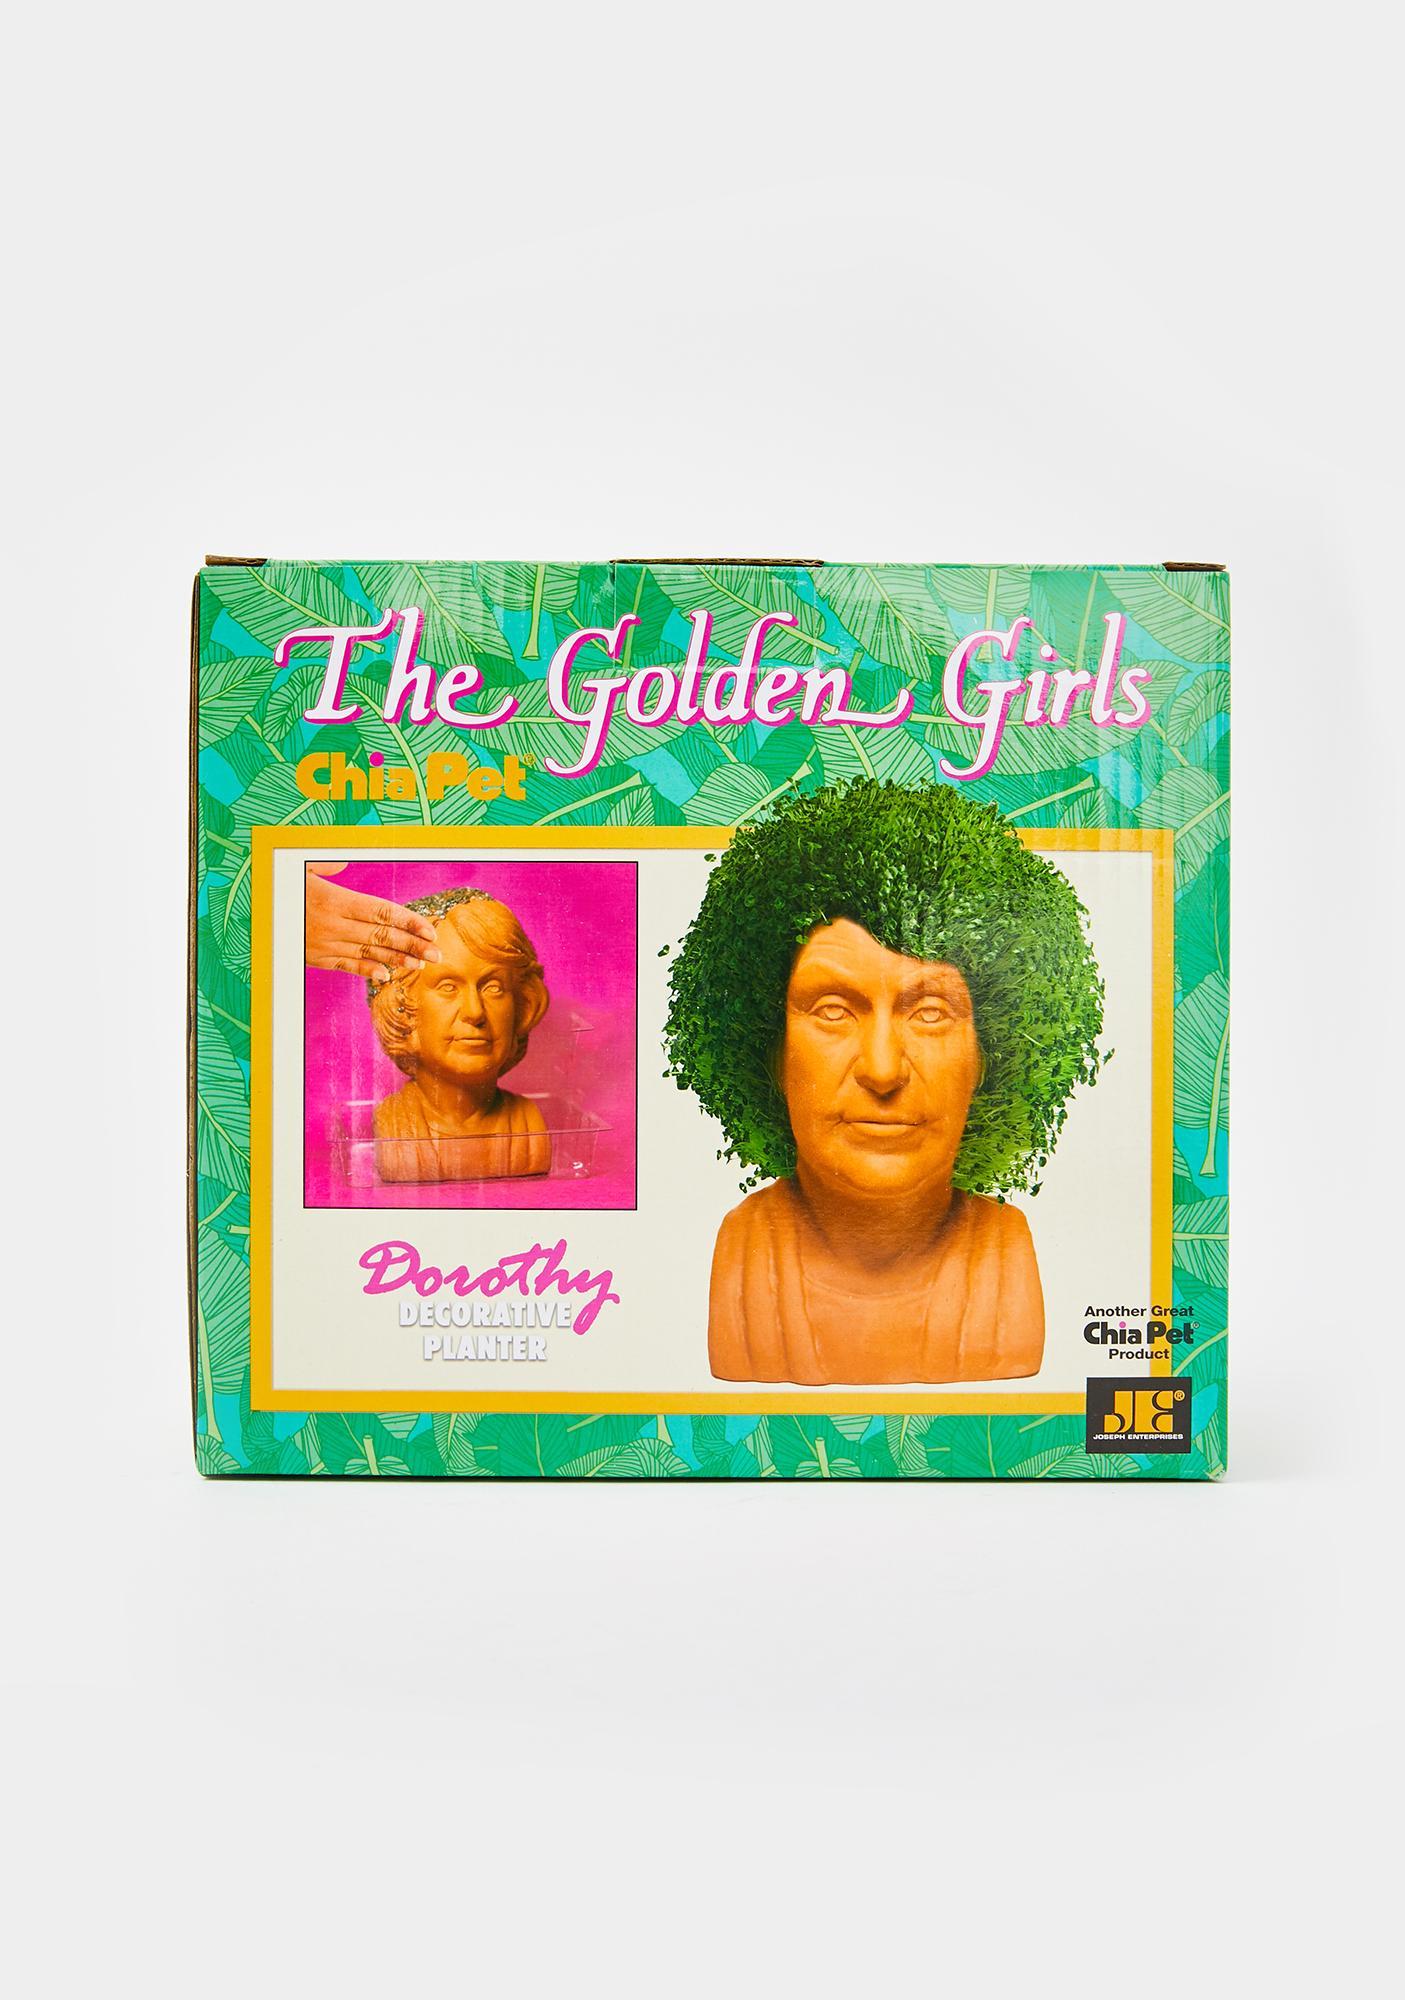 Chia Pet Golden Girls Dorothy Planter